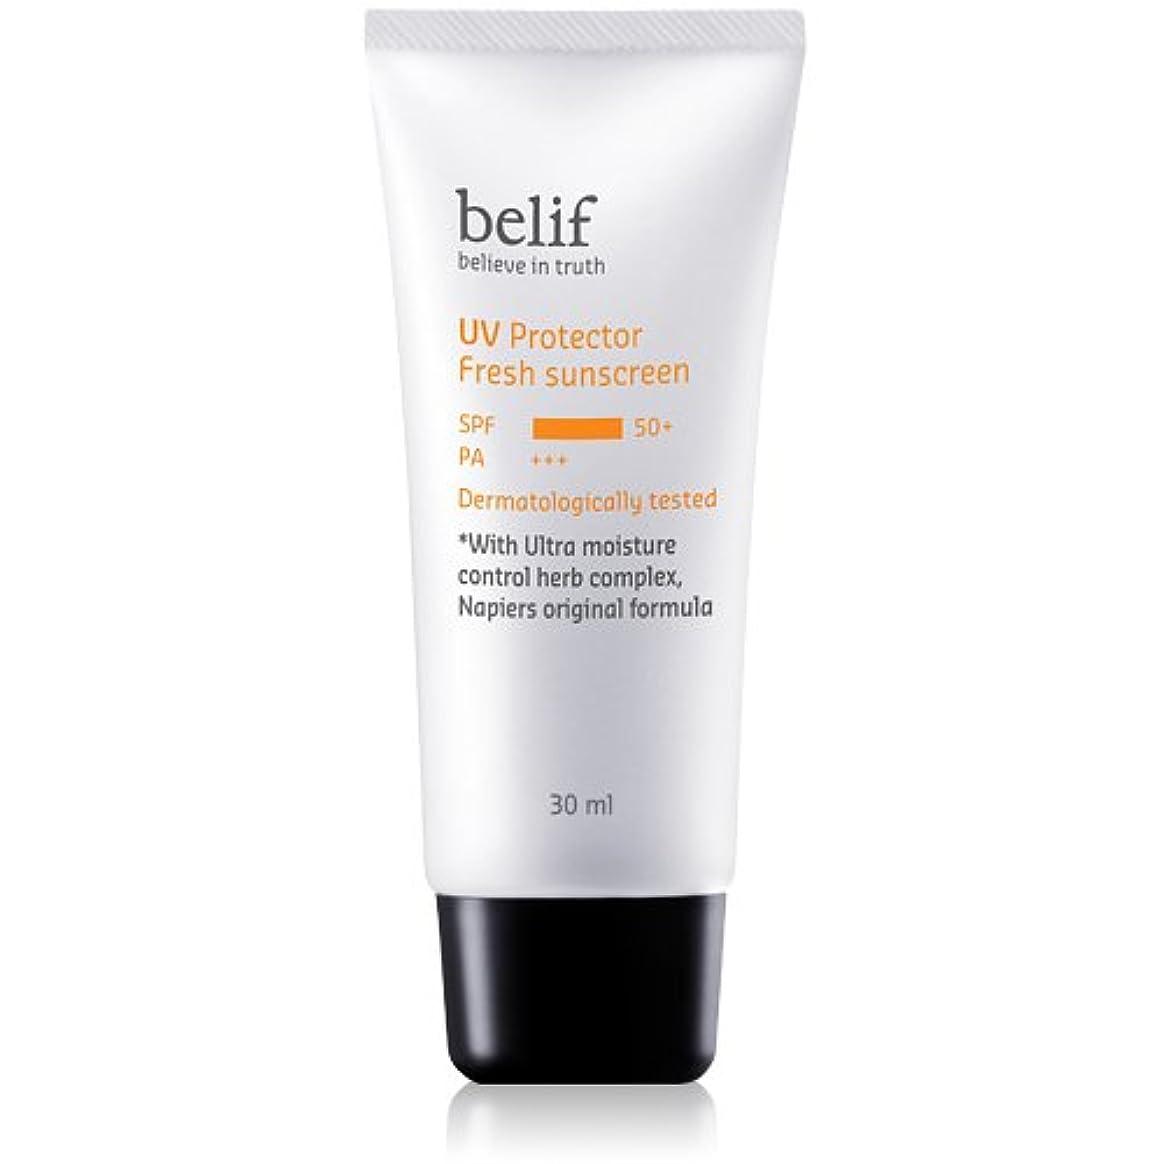 却下するシェード冷笑するBelif(ビリーフ)UV Protector Fresh sunscreen 30ml/ビリーフUVプロテクターフレッシュサンスクリーン